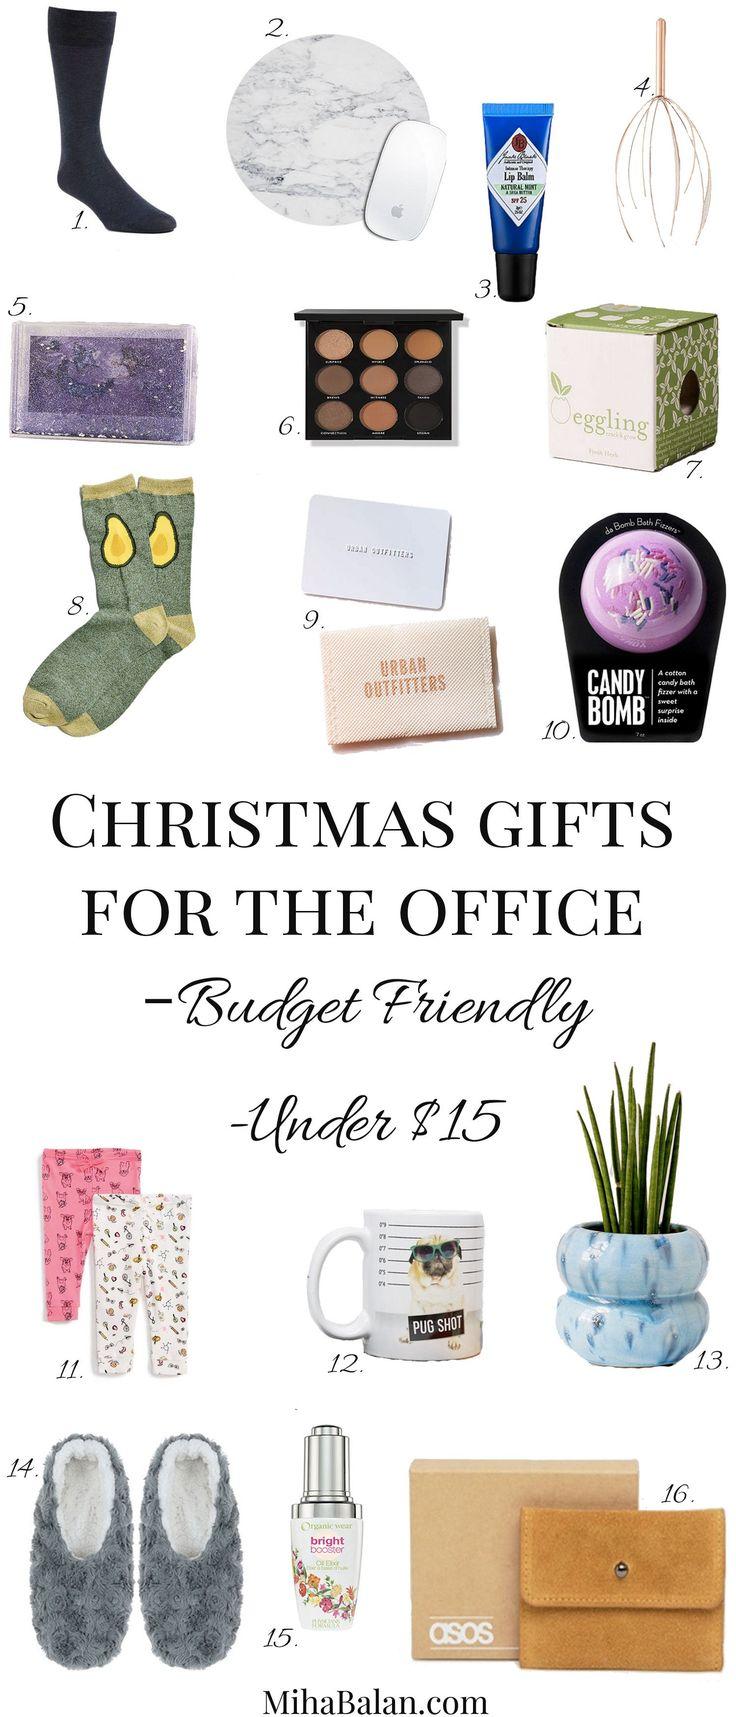 25+ unique Best secret santa gifts ideas on Pinterest ...